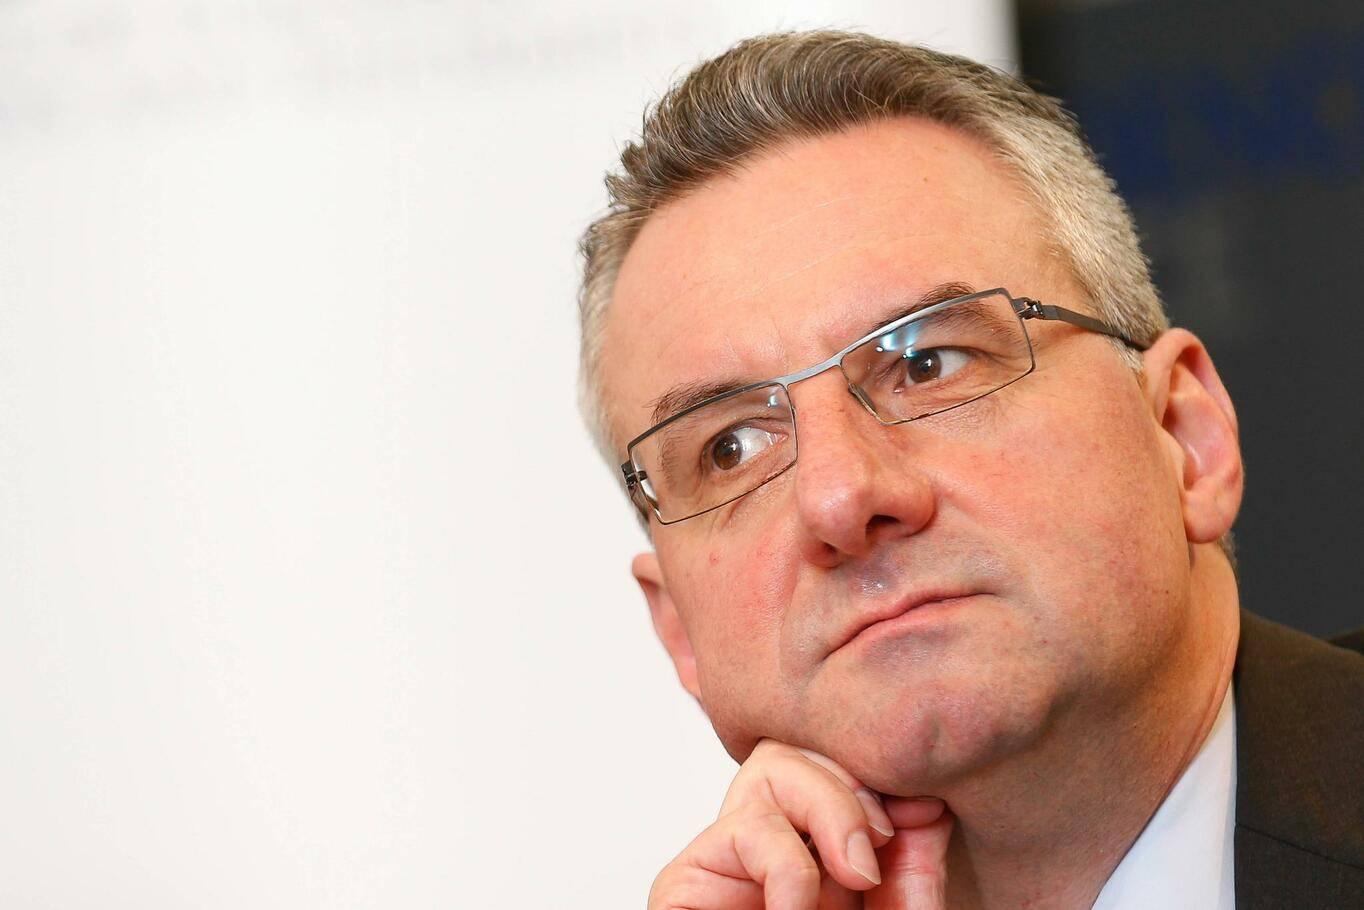 Präsident europäische kommission